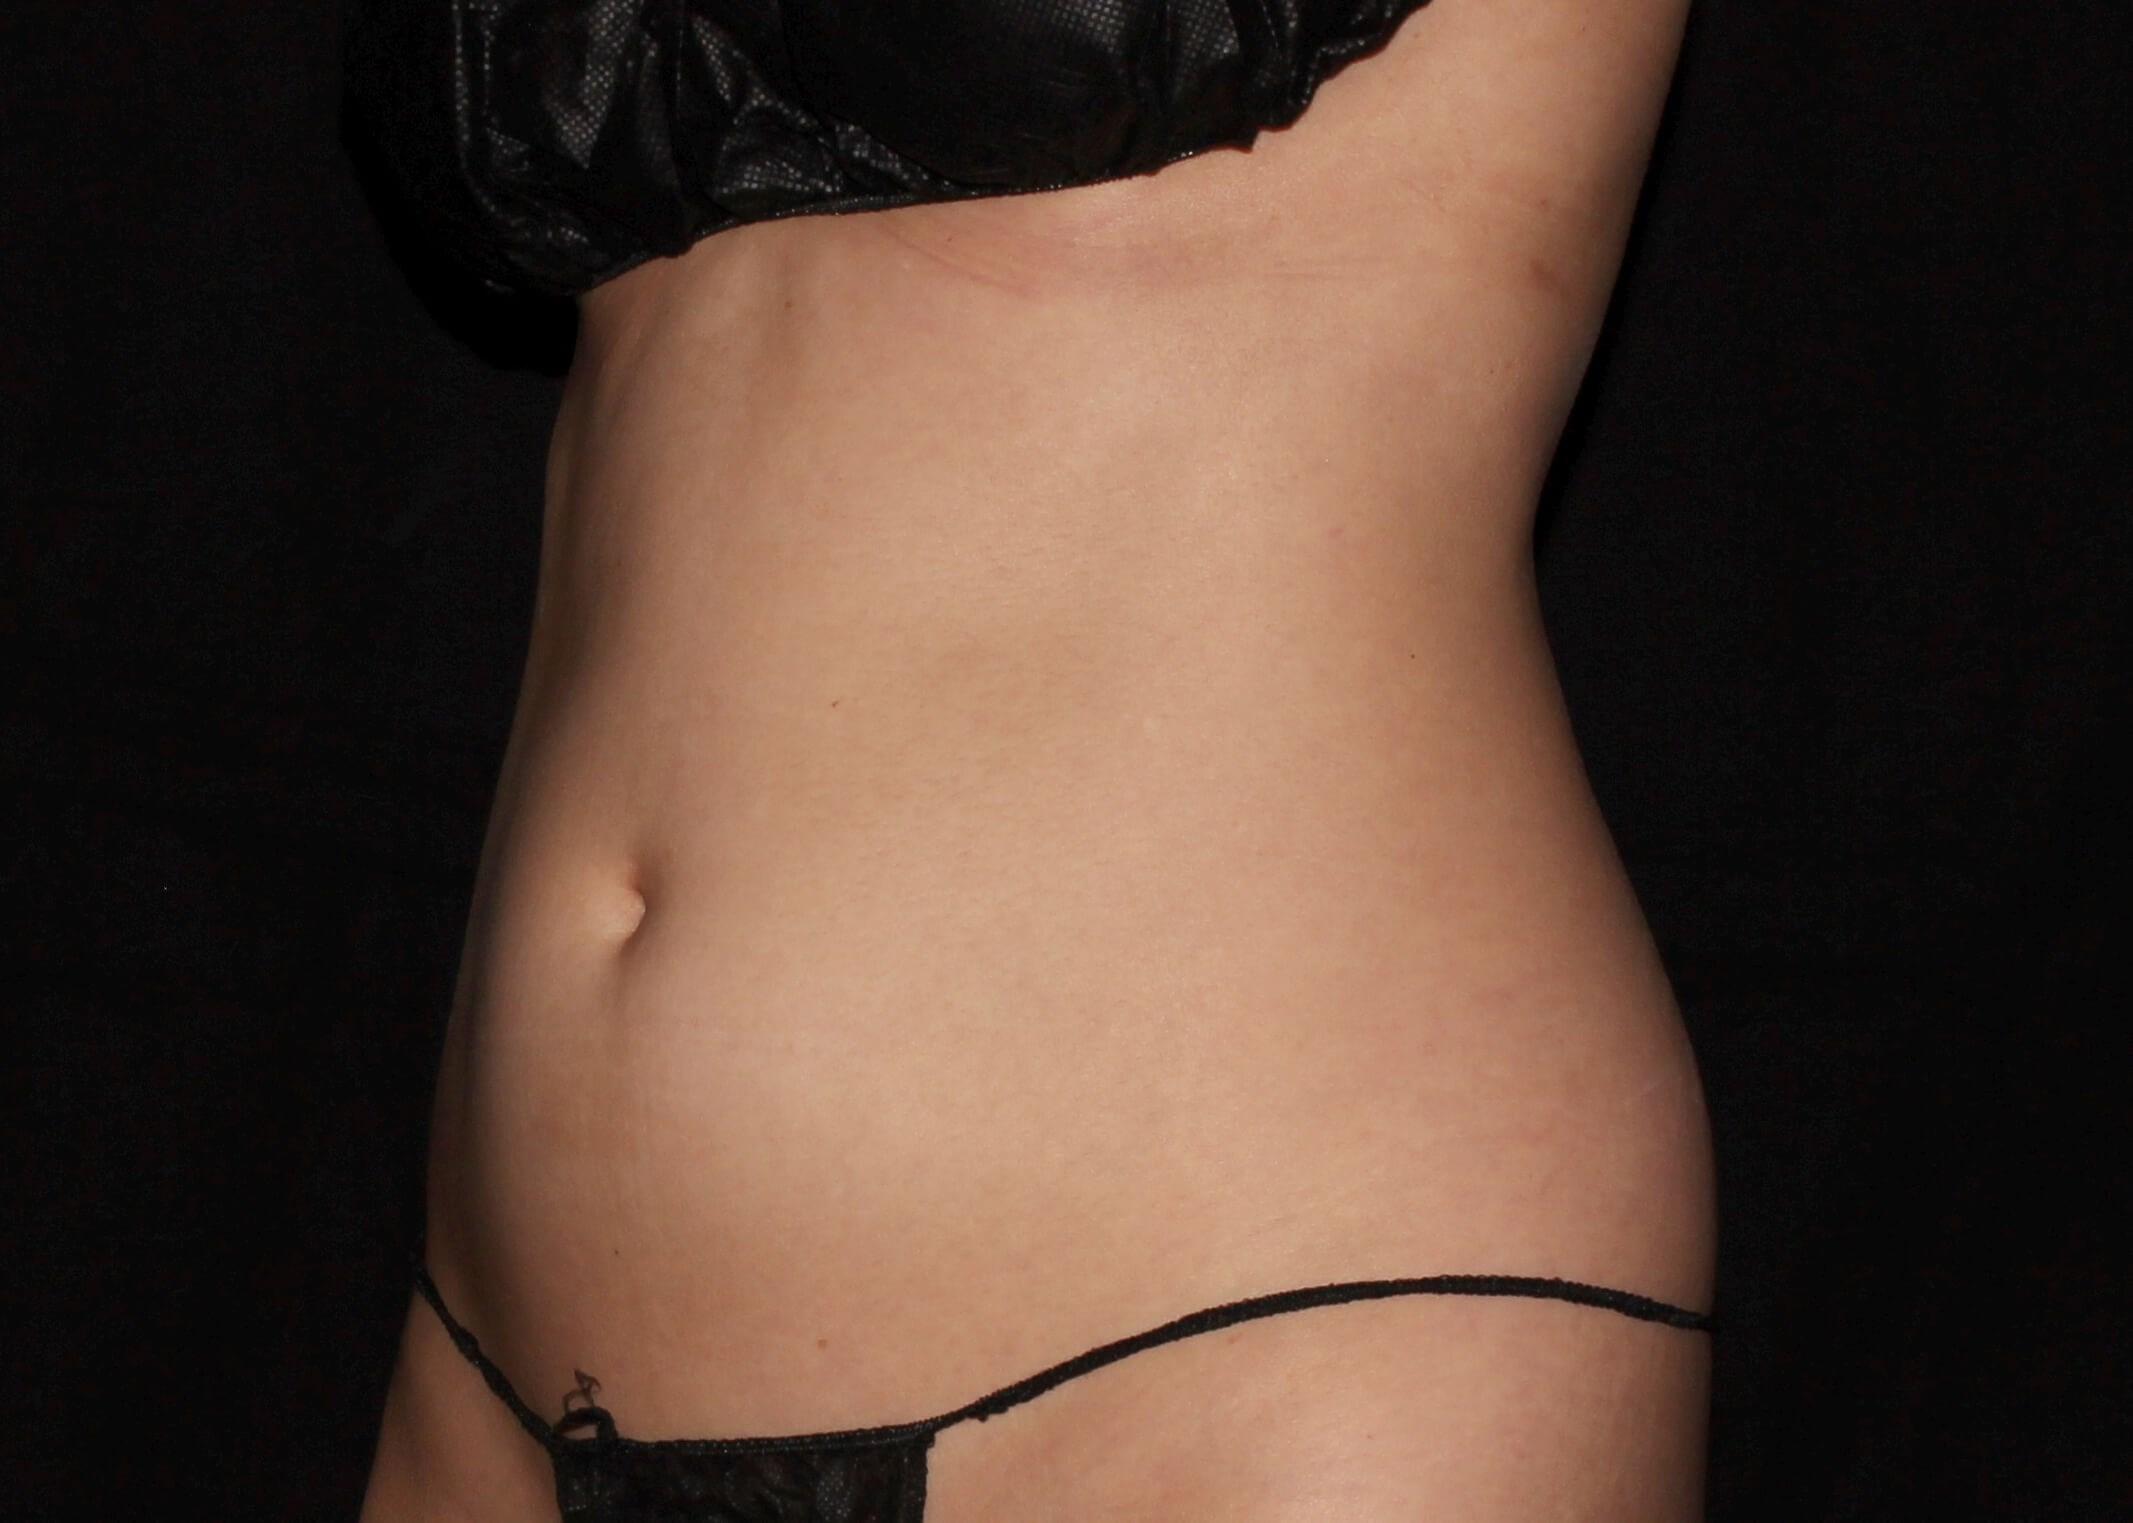 Liposuction Before - Left Oblique View